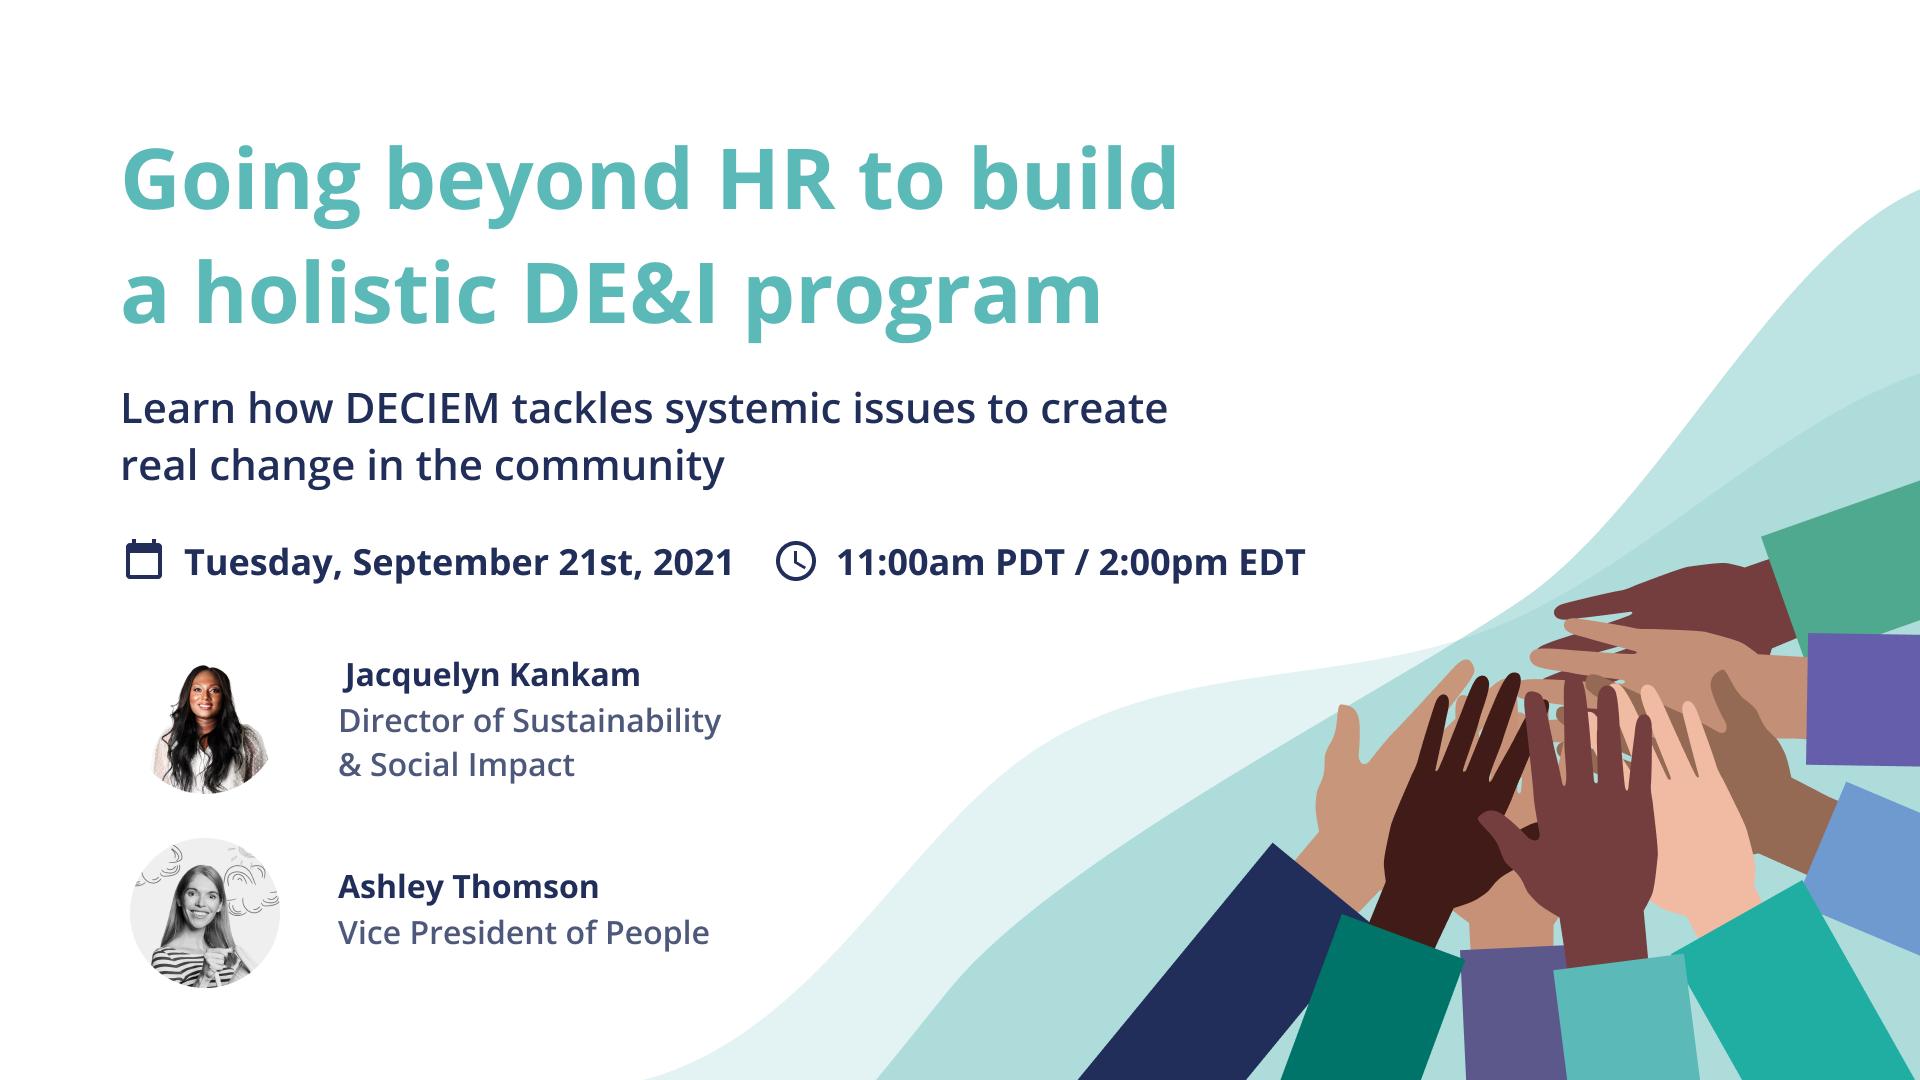 Going beyond HR to build a holistic DE&I program